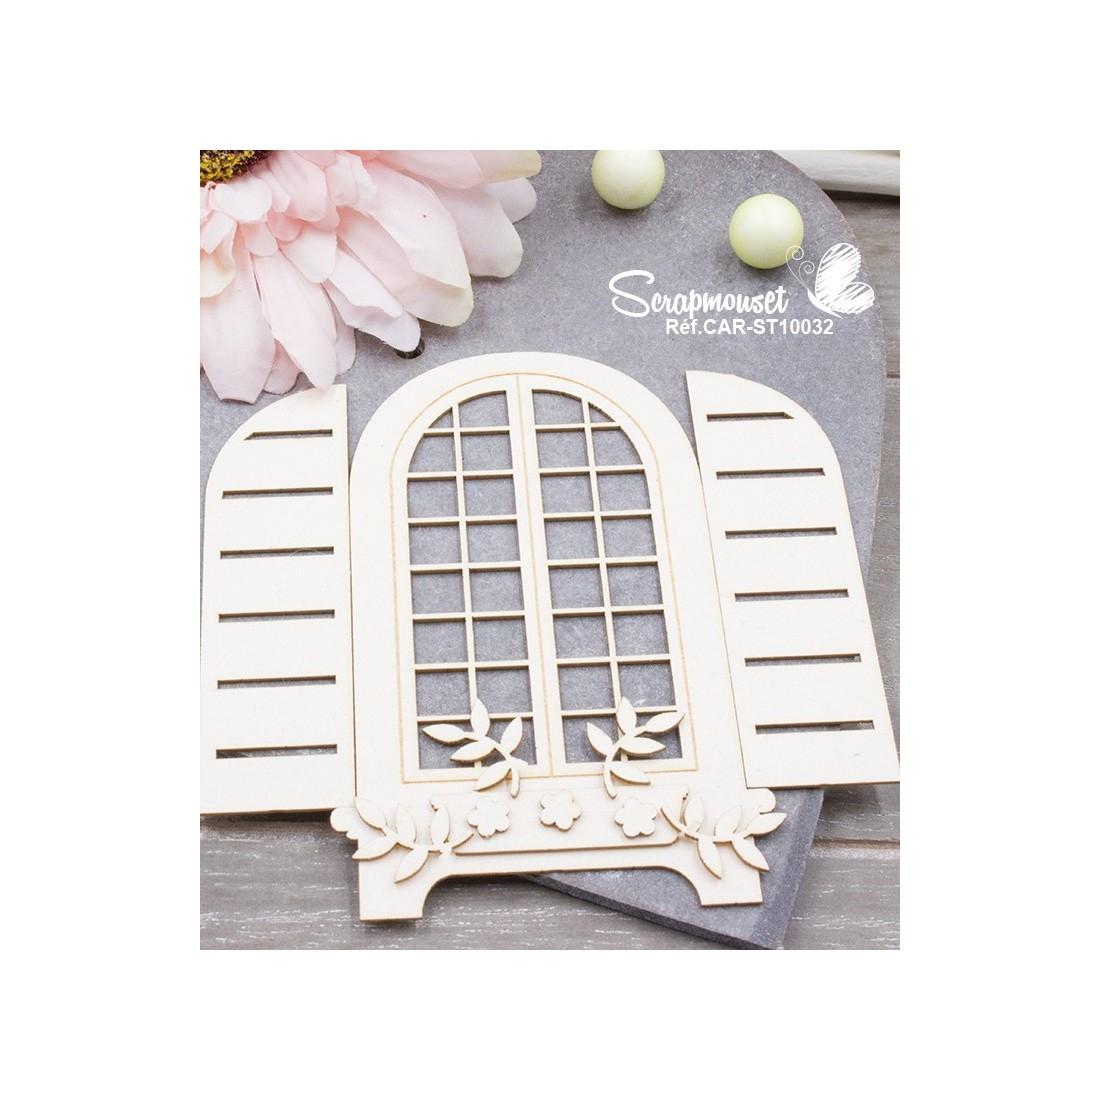 Embellissement chipboard scrapbooking fen tre printemps for Decoration fenetre printemps